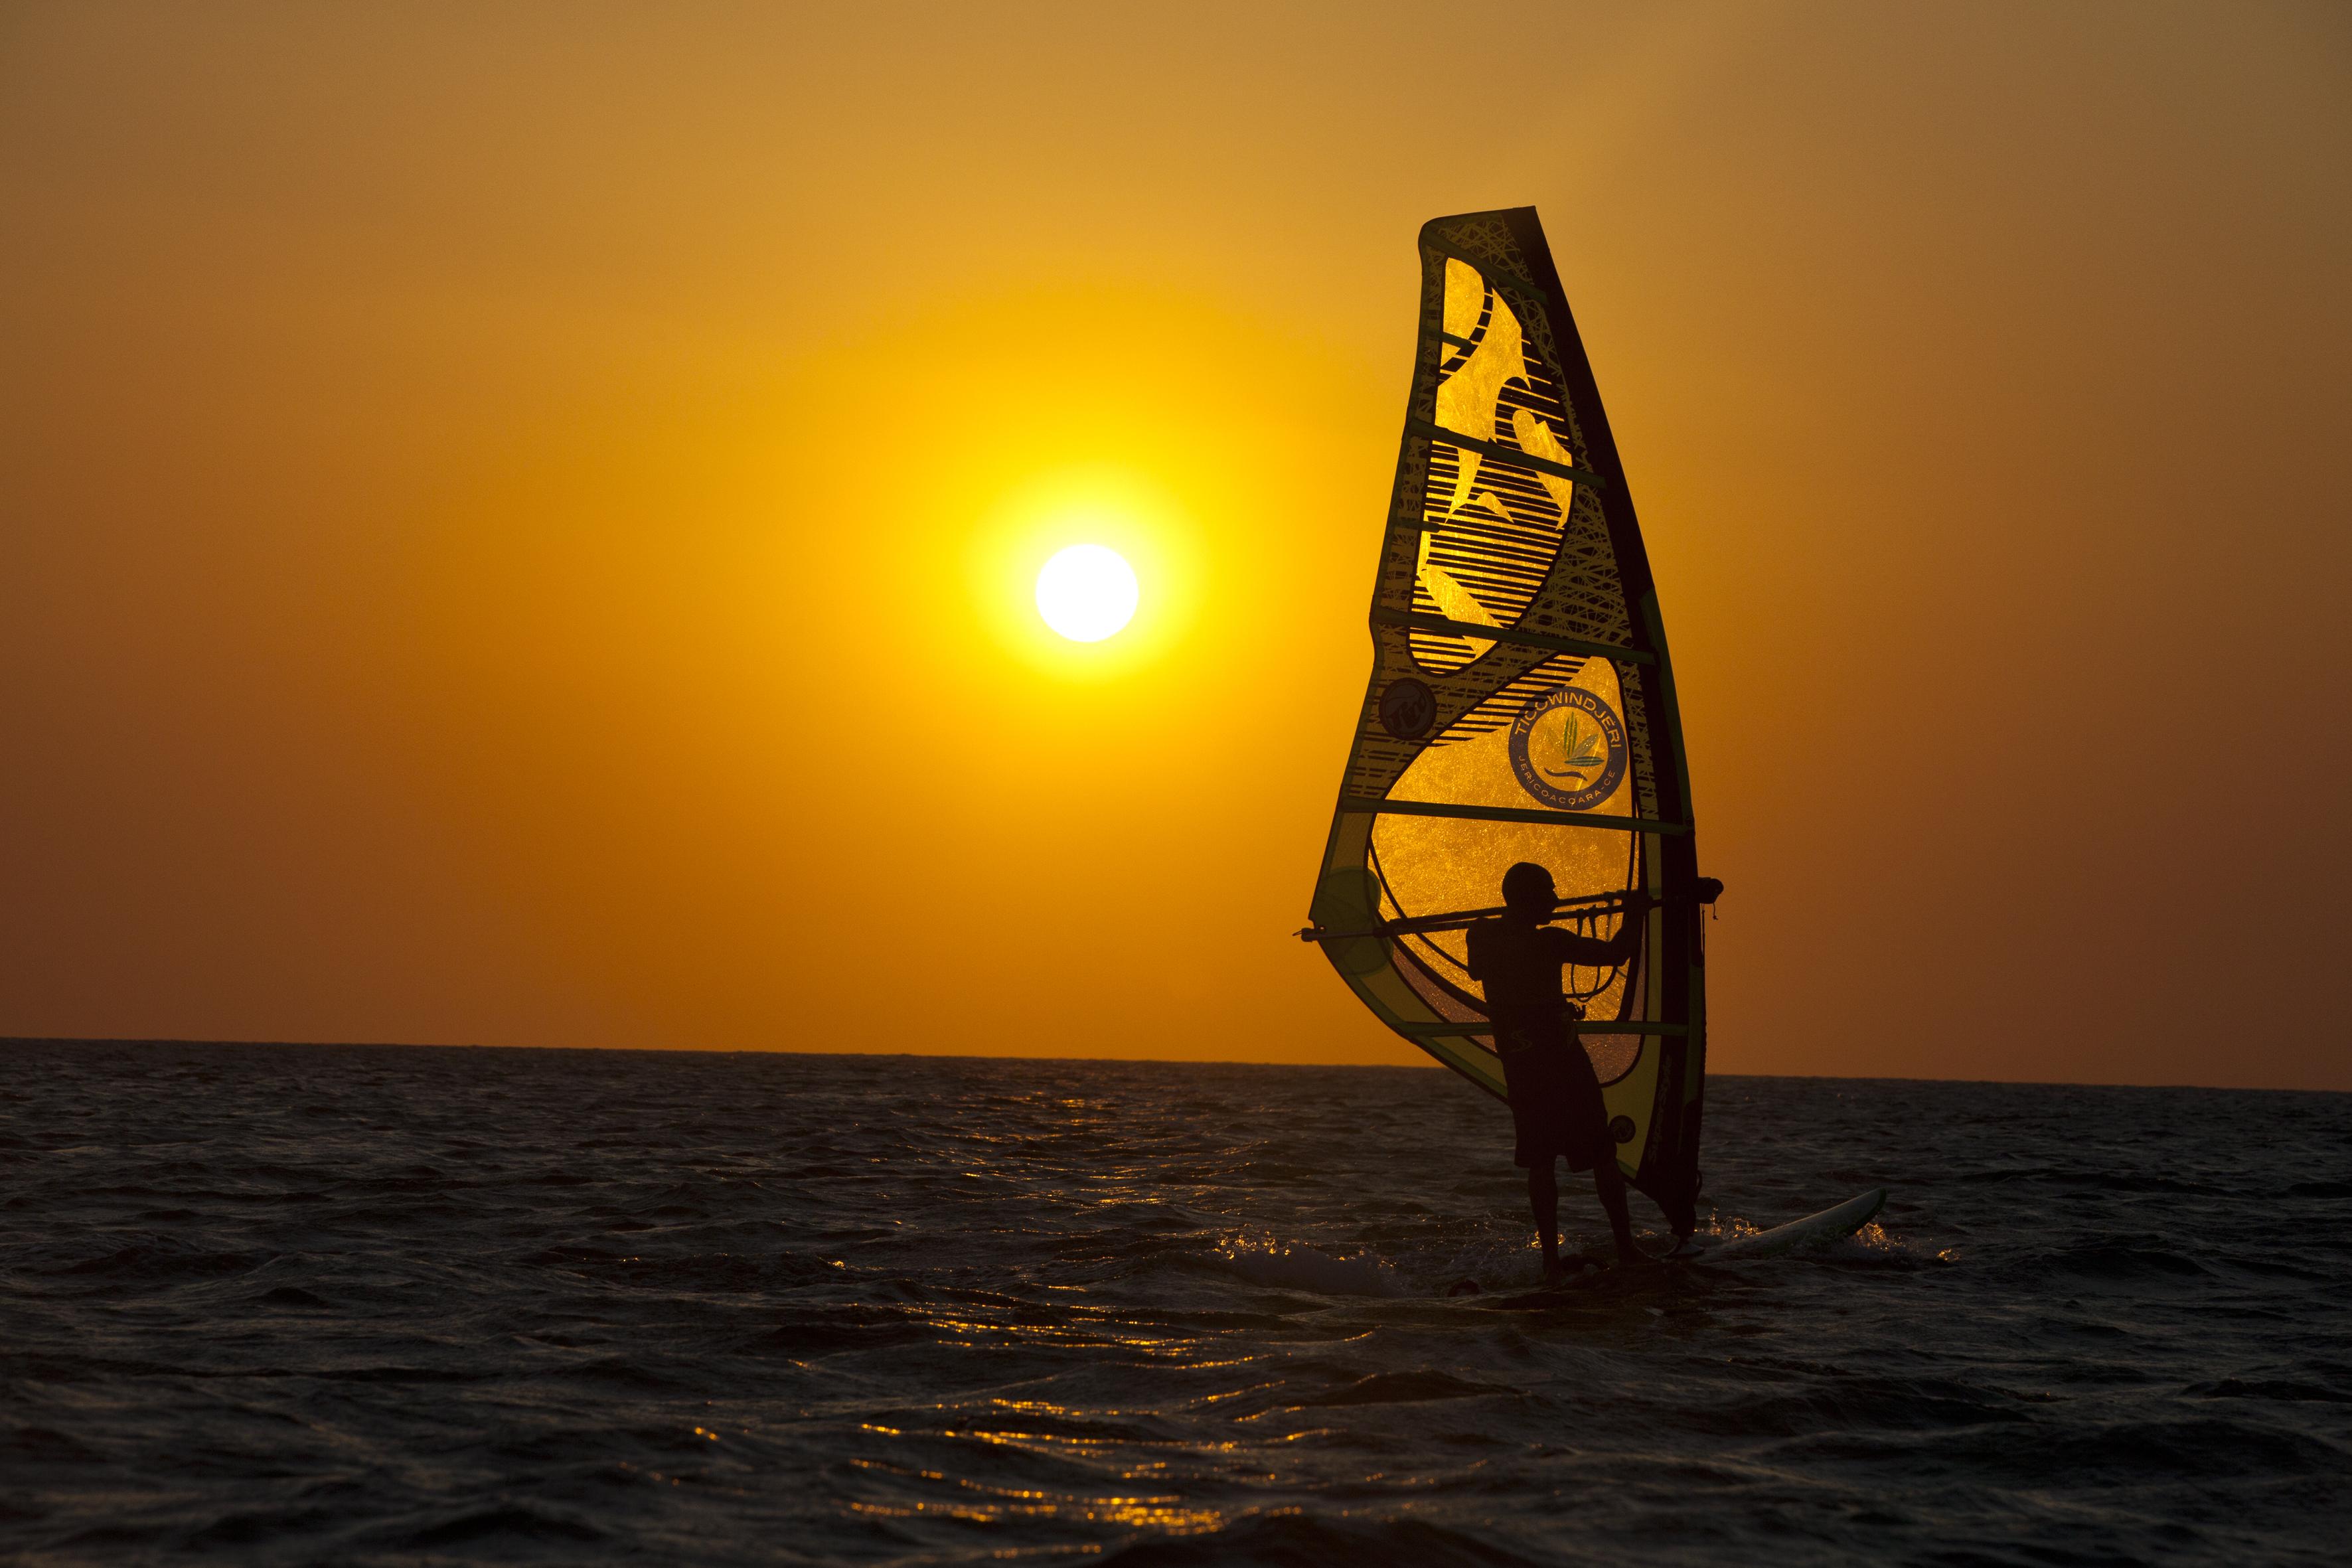 Windsurf061(2)